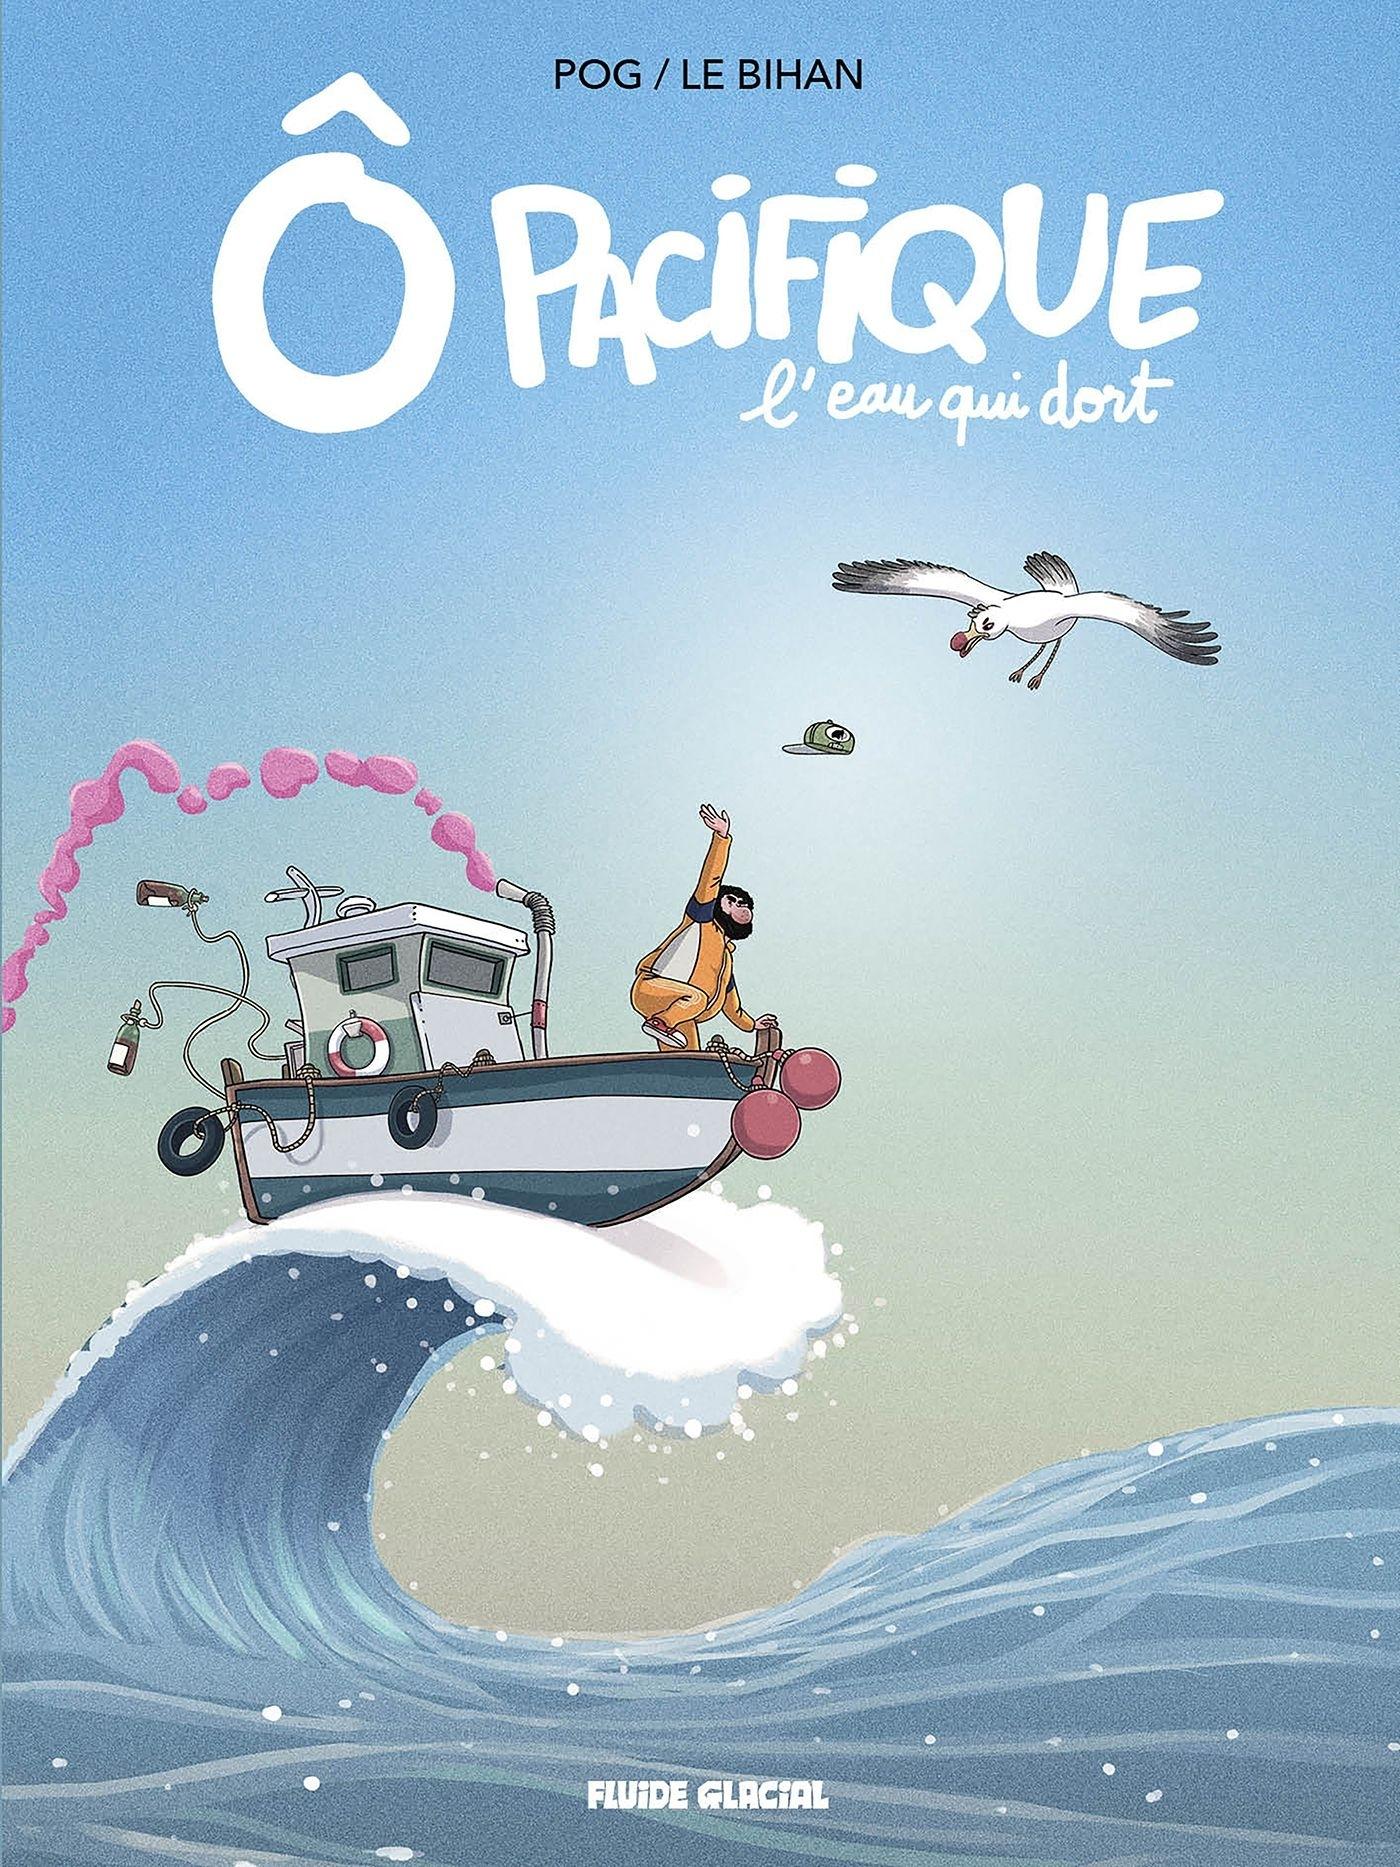 O PACIFIQUE - TOME 01 - L'EAU QUI DORT